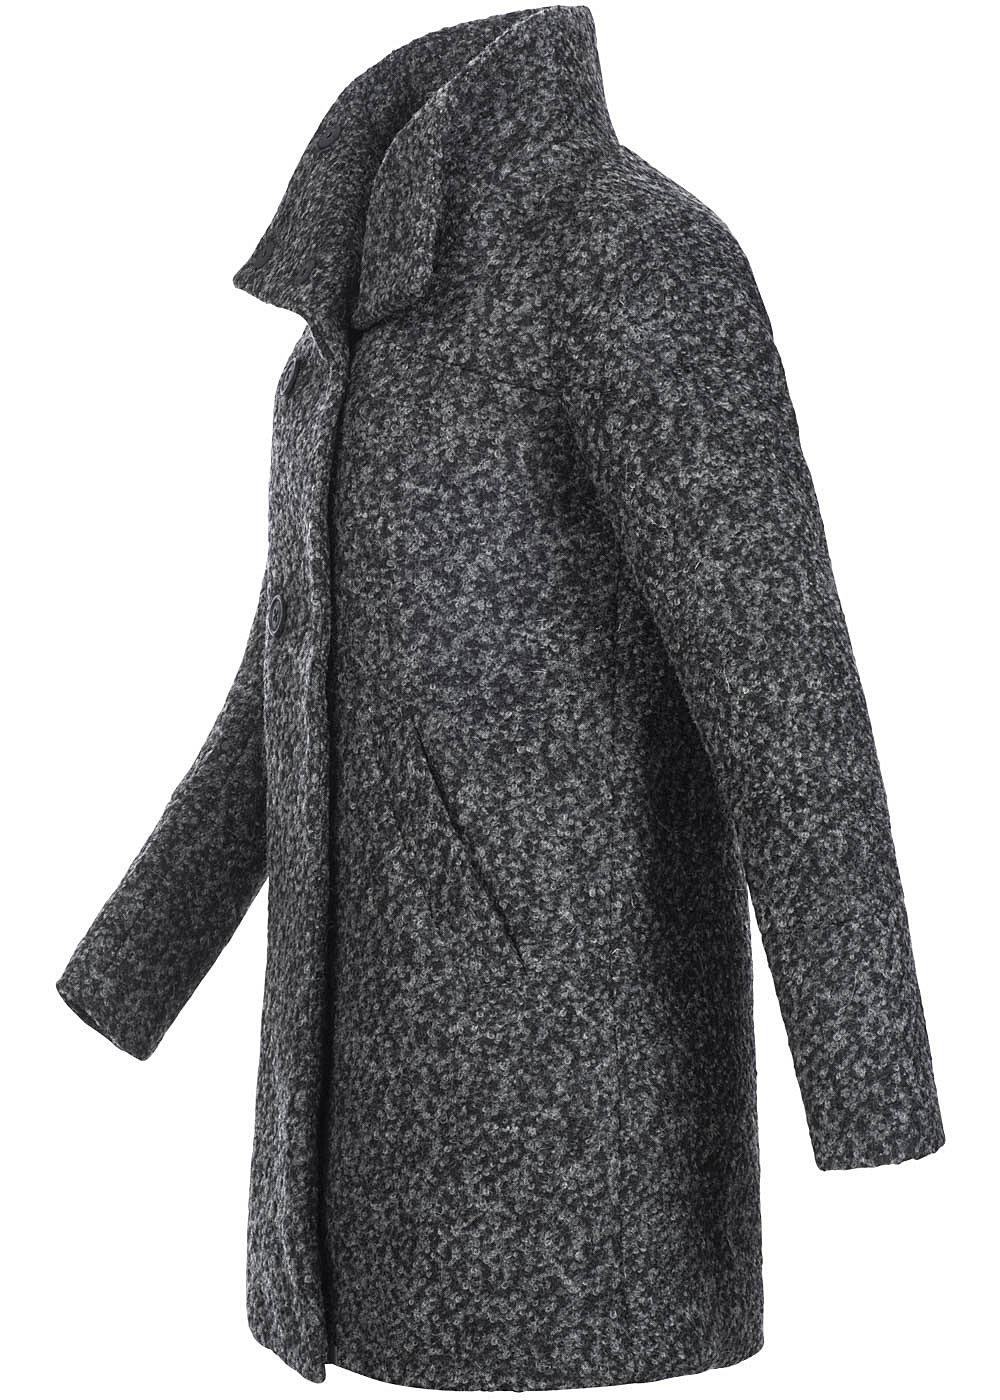 Kunden zuerst retro suche nach neuesten ONLY Damen Wollmantel SOPHIA 15100268 2 Knopfreihen 2 deko Taschen dunkel  grau